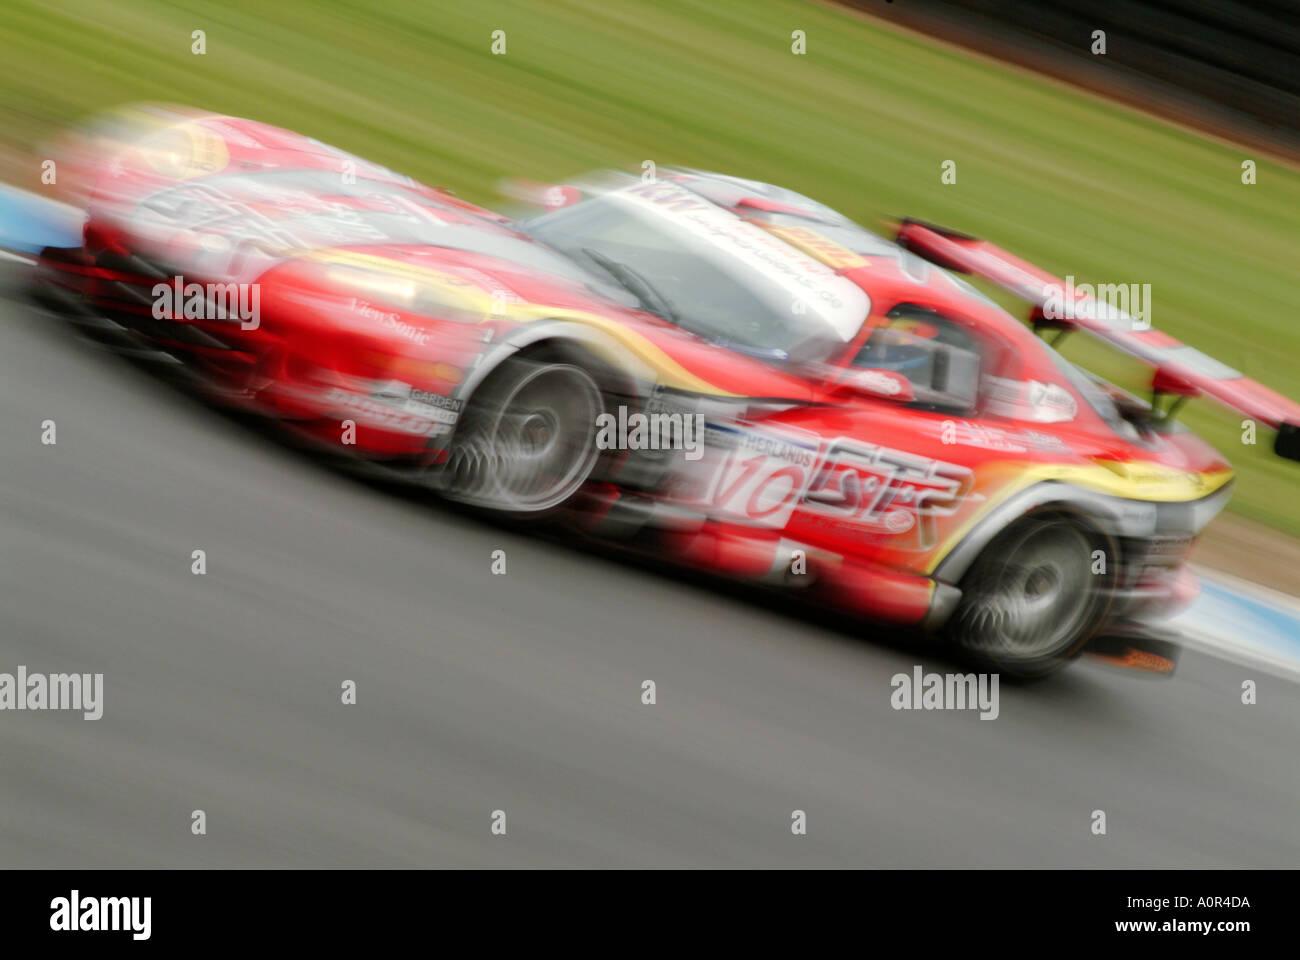 Dodge Viper racing carrera de autos Motor Sport auto win riesgo perder potencia Velocidad rápida de movimiento Imagen De Stock